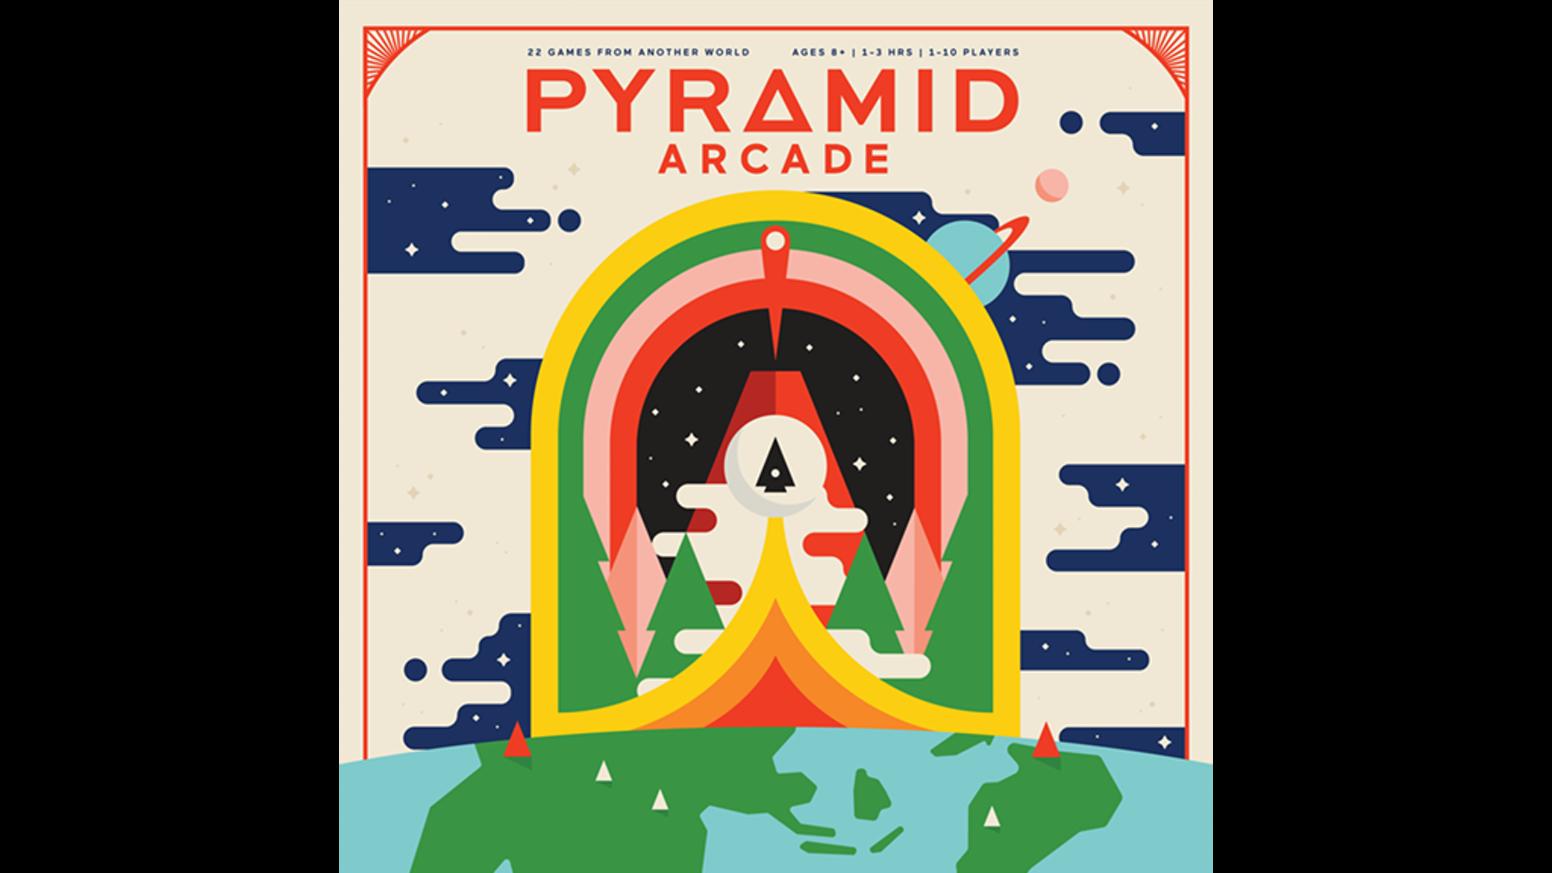 Gaming clipart dice card. Pyramid arcade pyramids games